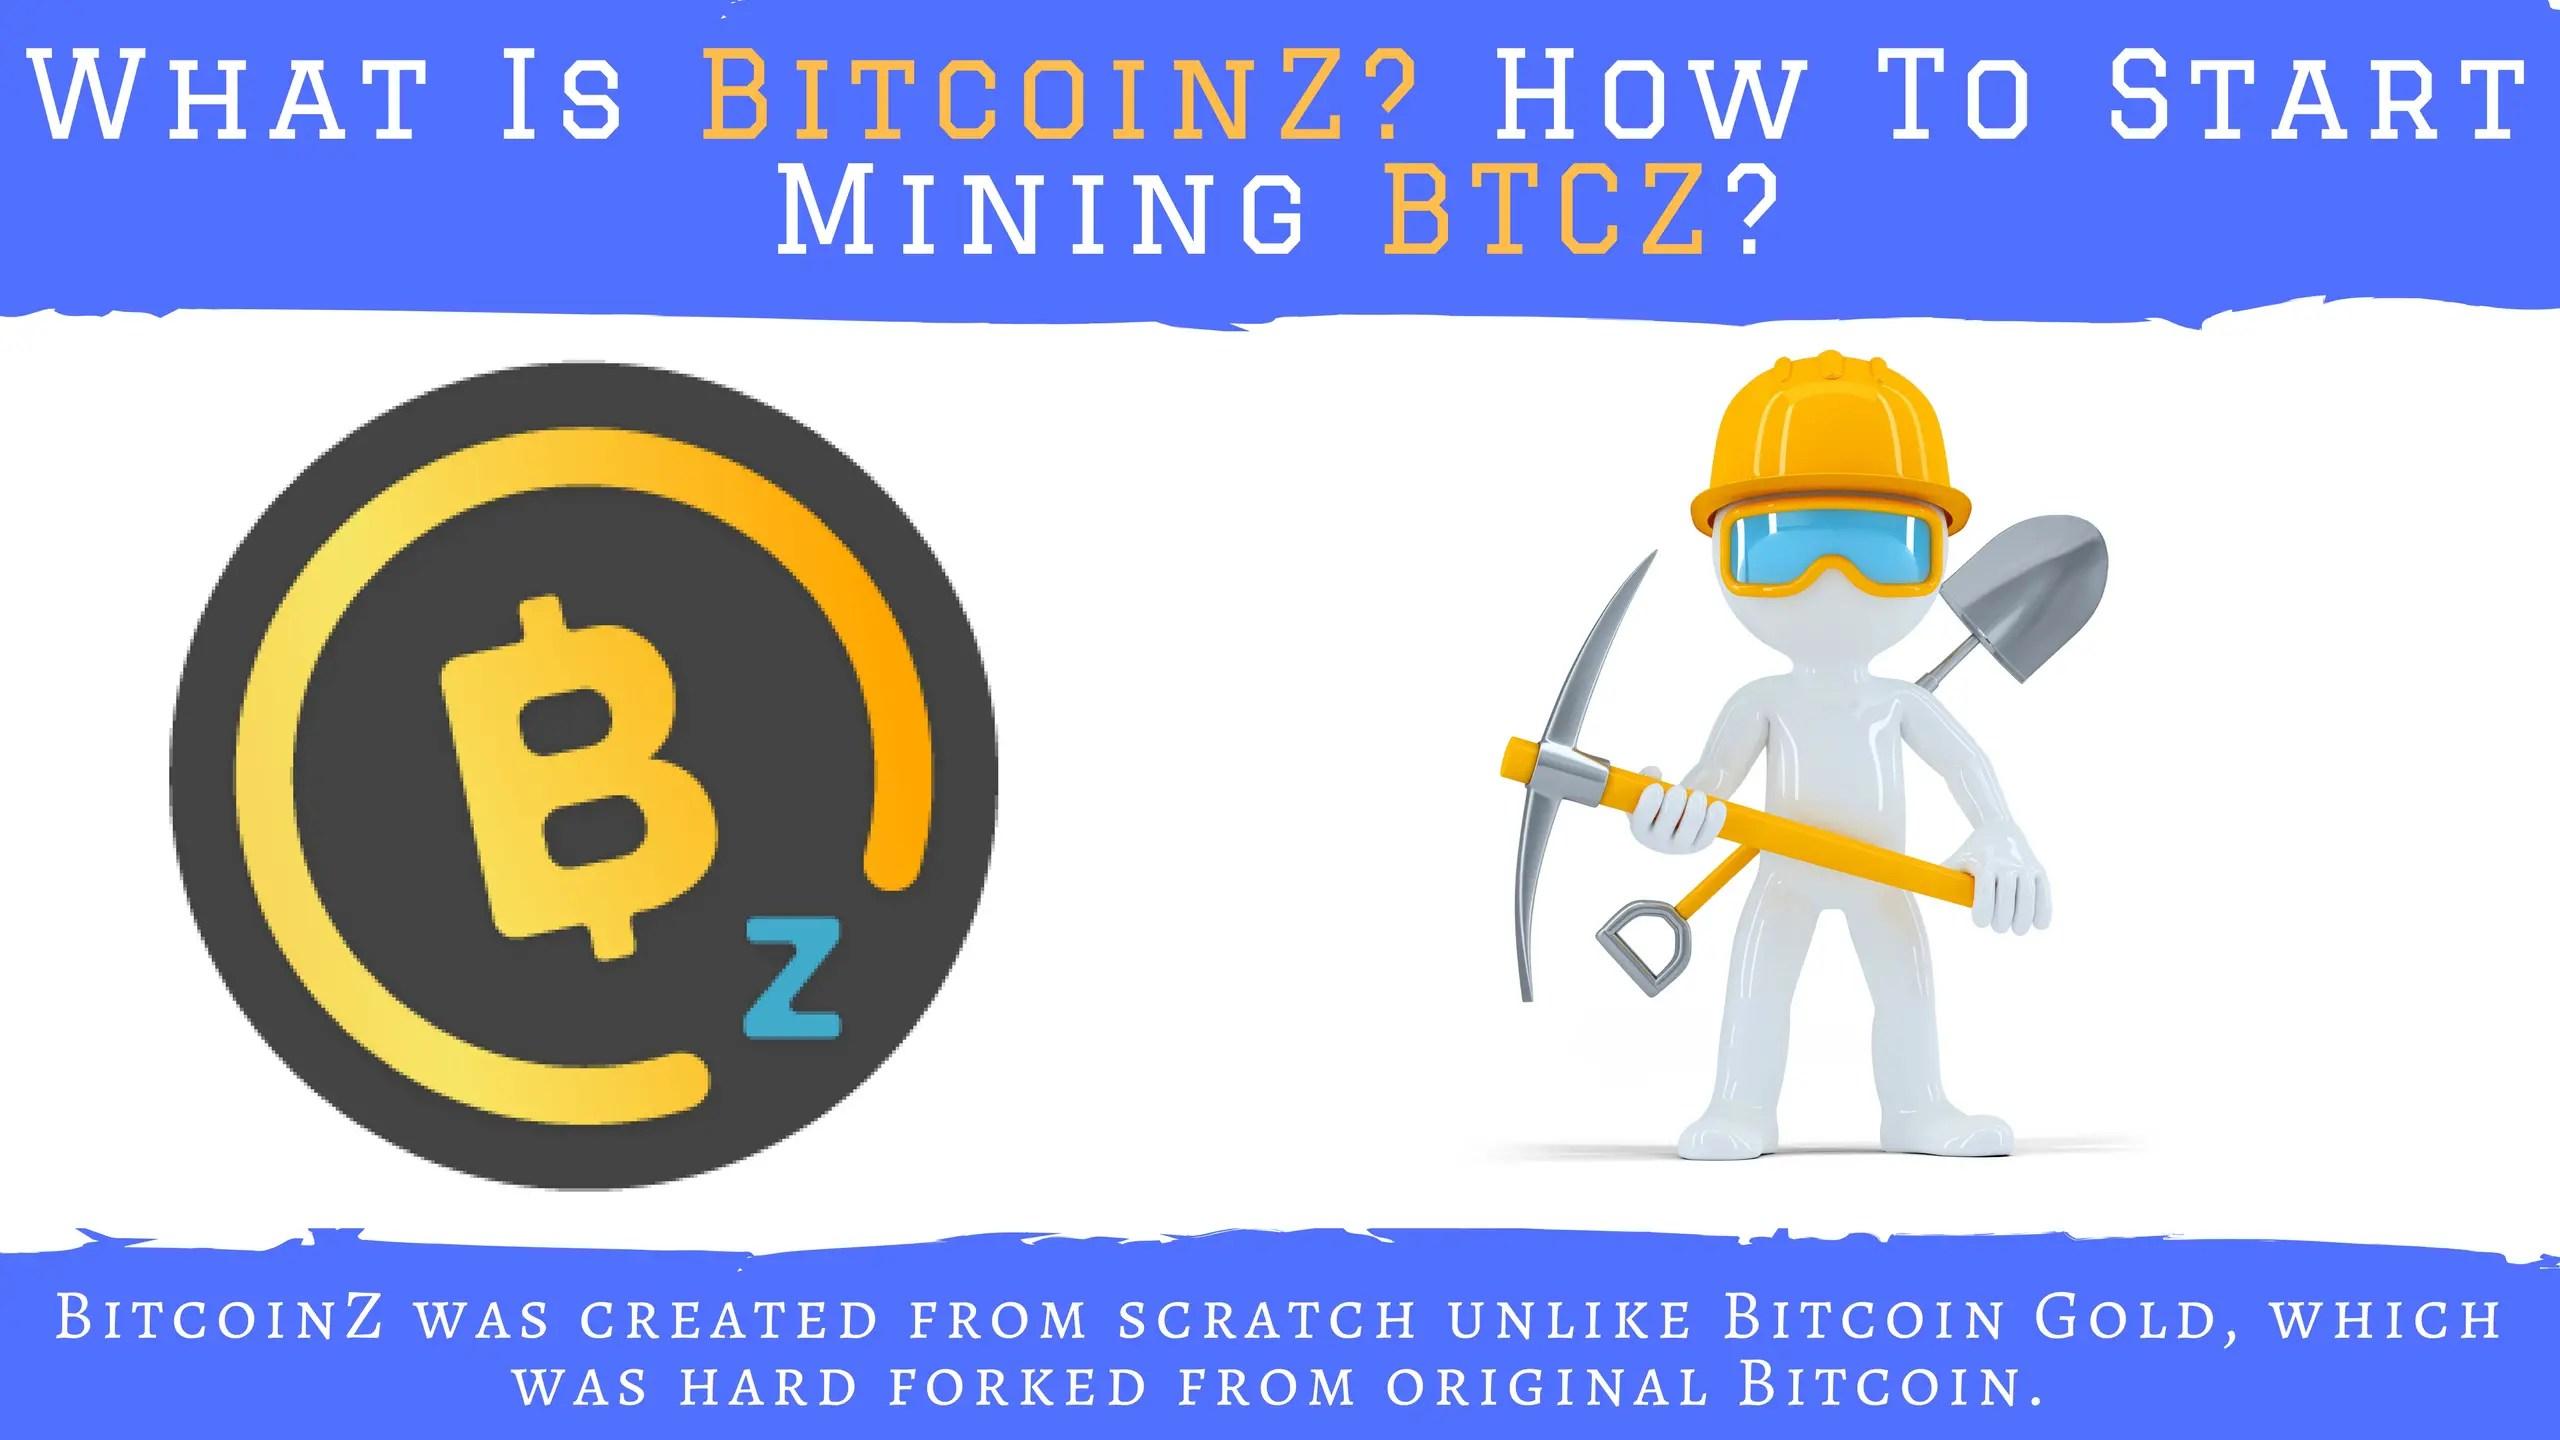 btcz coin)